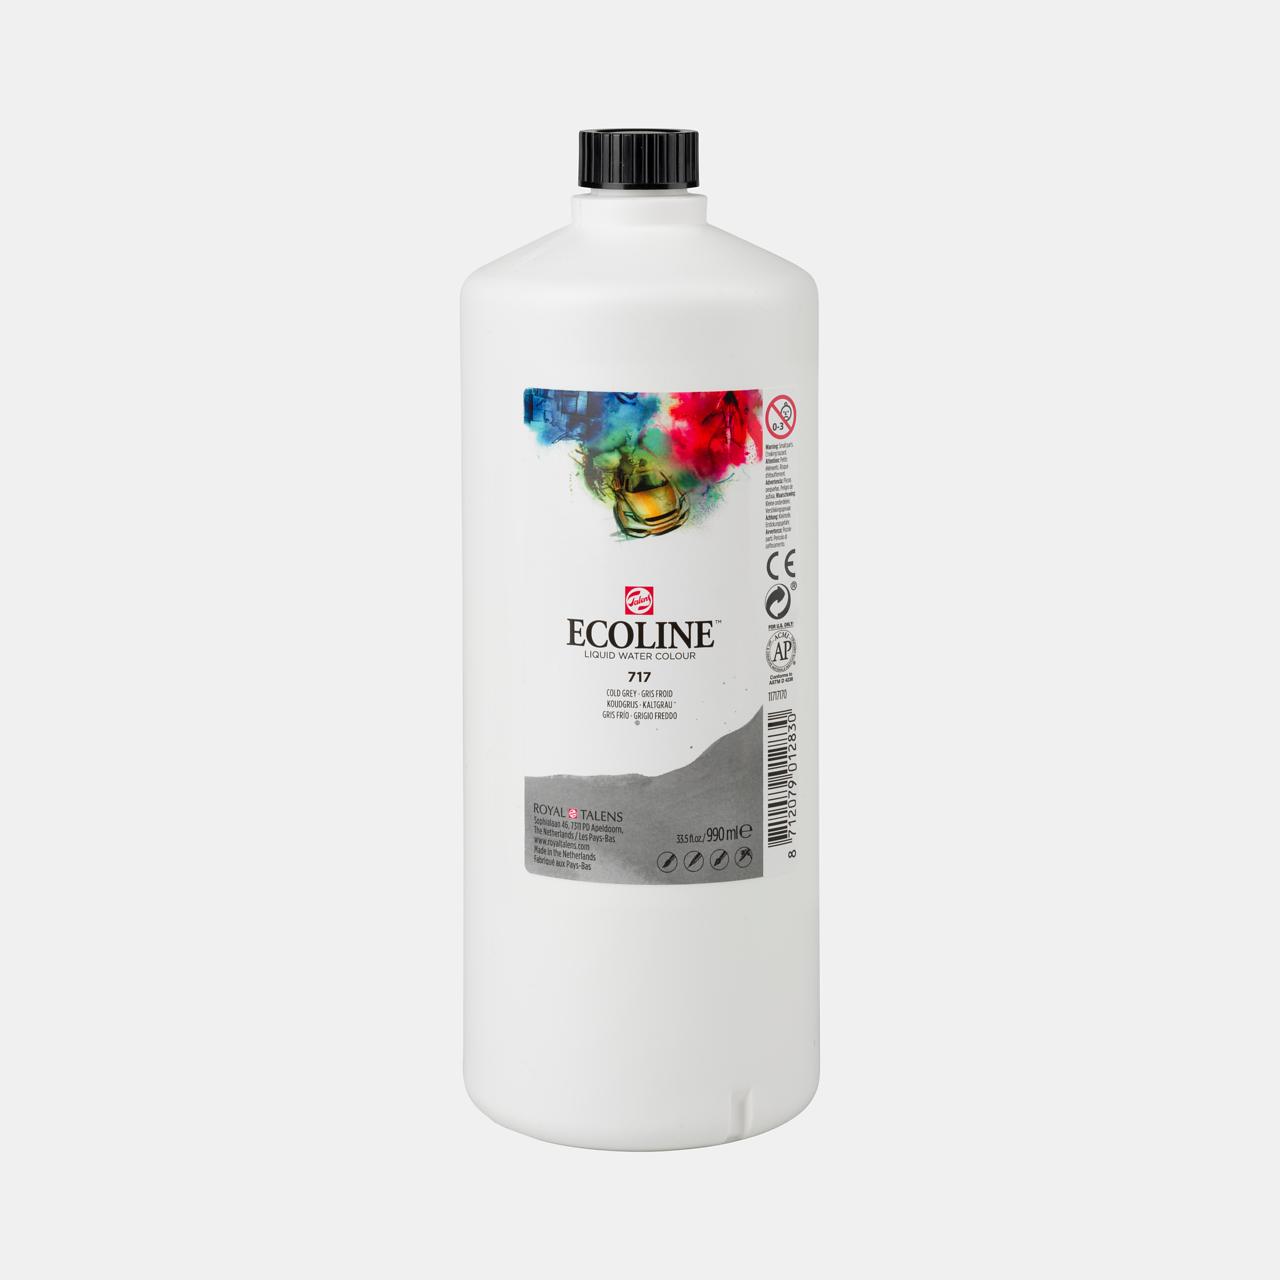 Ecoline Ecoline Flüssige Wasserfarbe 990 ml Kaltgrau